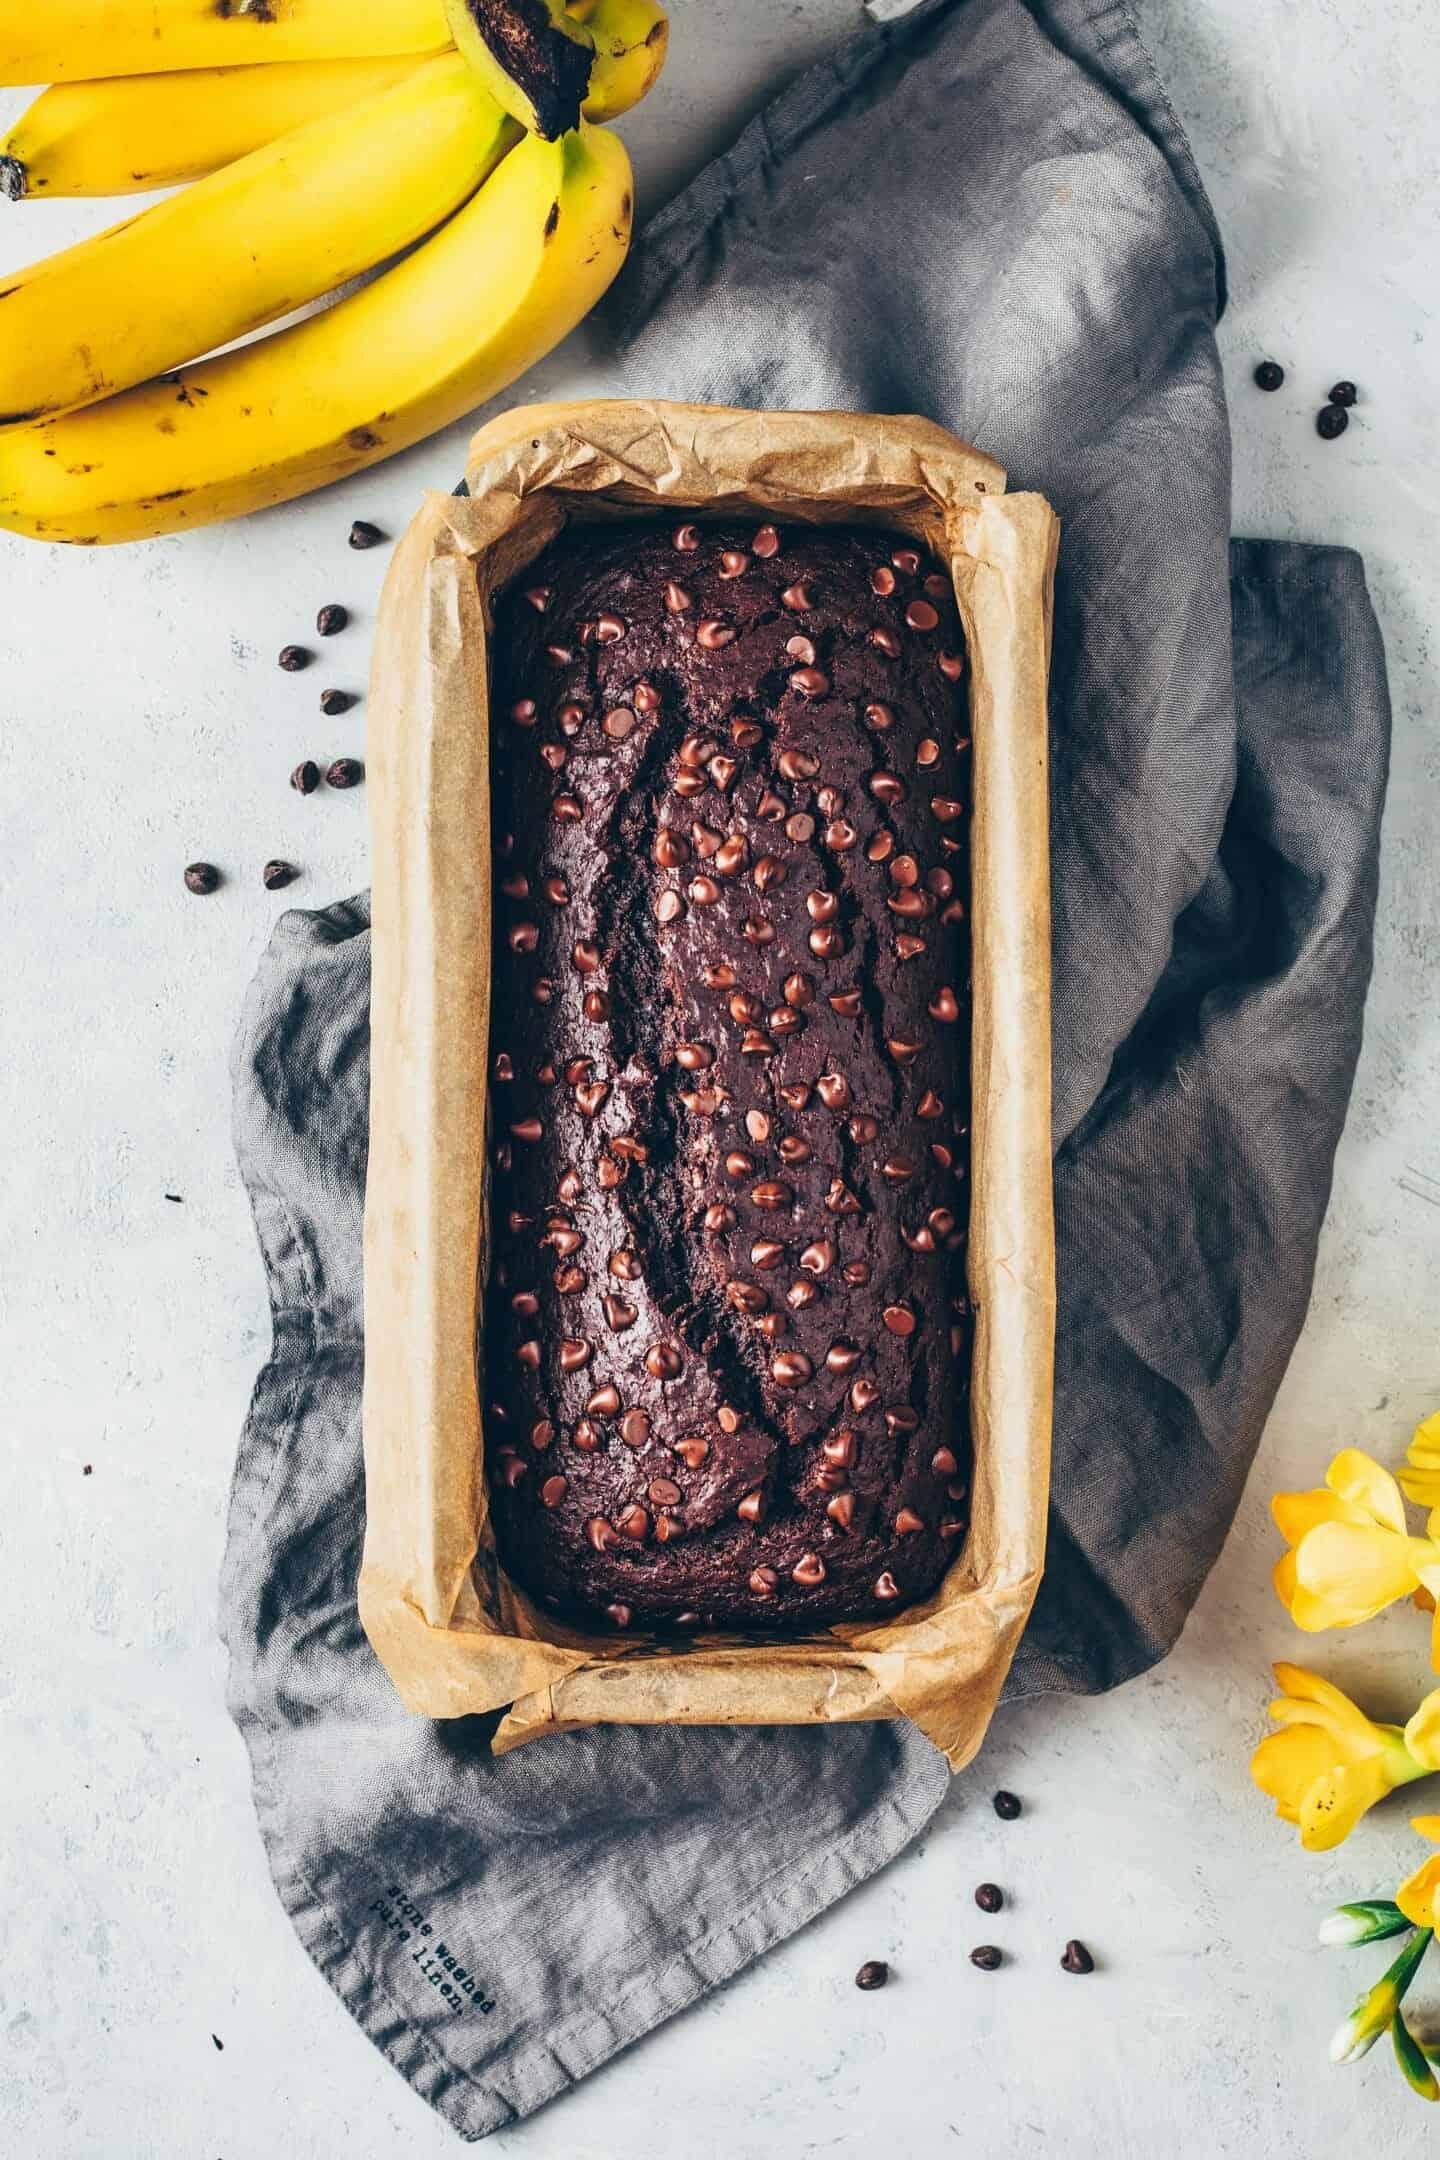 Das beste Vegane Schoko-Bananenbrot Rezept. Es ist einfach, weich, fluffig, saftig, lecker und schmeckt wie Schokoladen-Kuchen. Ohne Ei, glutenfrei, milchfrei, laktosefrei, eifrei.